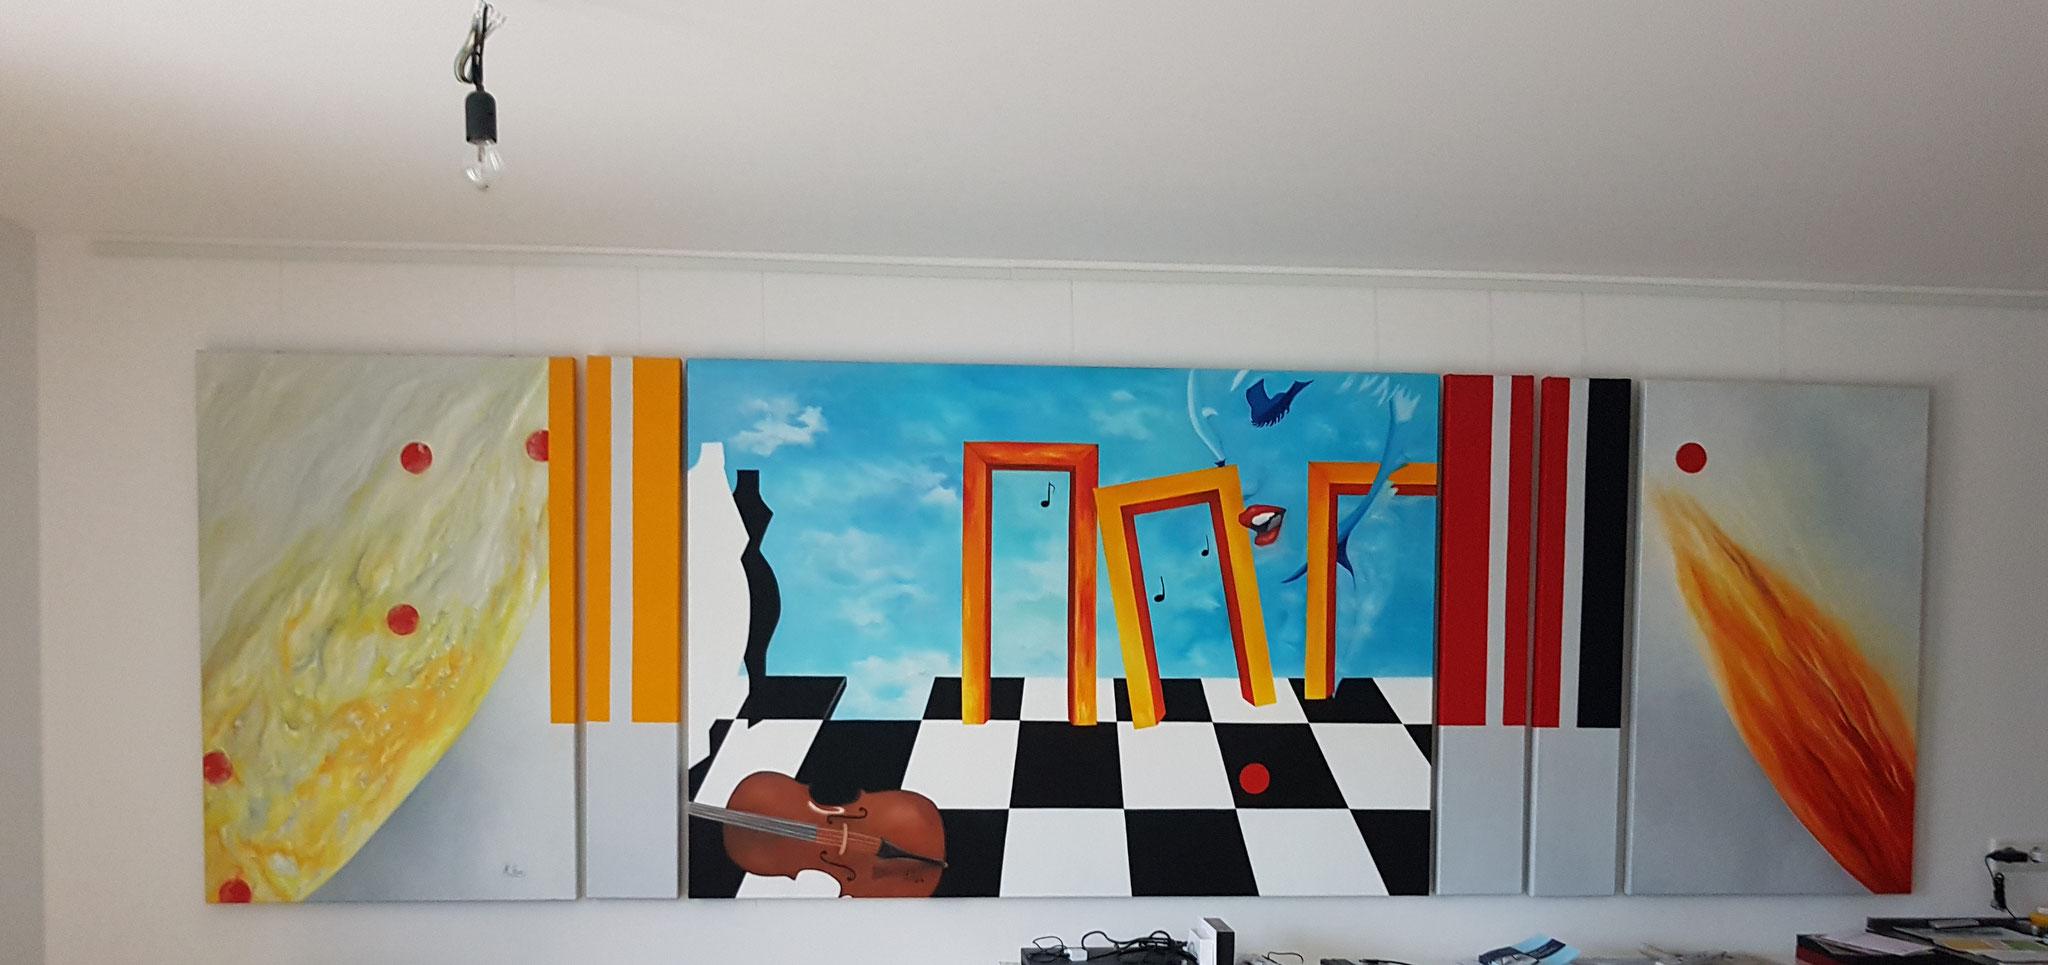 Ein-Leben-in-Leidenschaft-120x380cm-Schachbrett-Auftragsarbeit-Realistische-Malerei-Rheingau